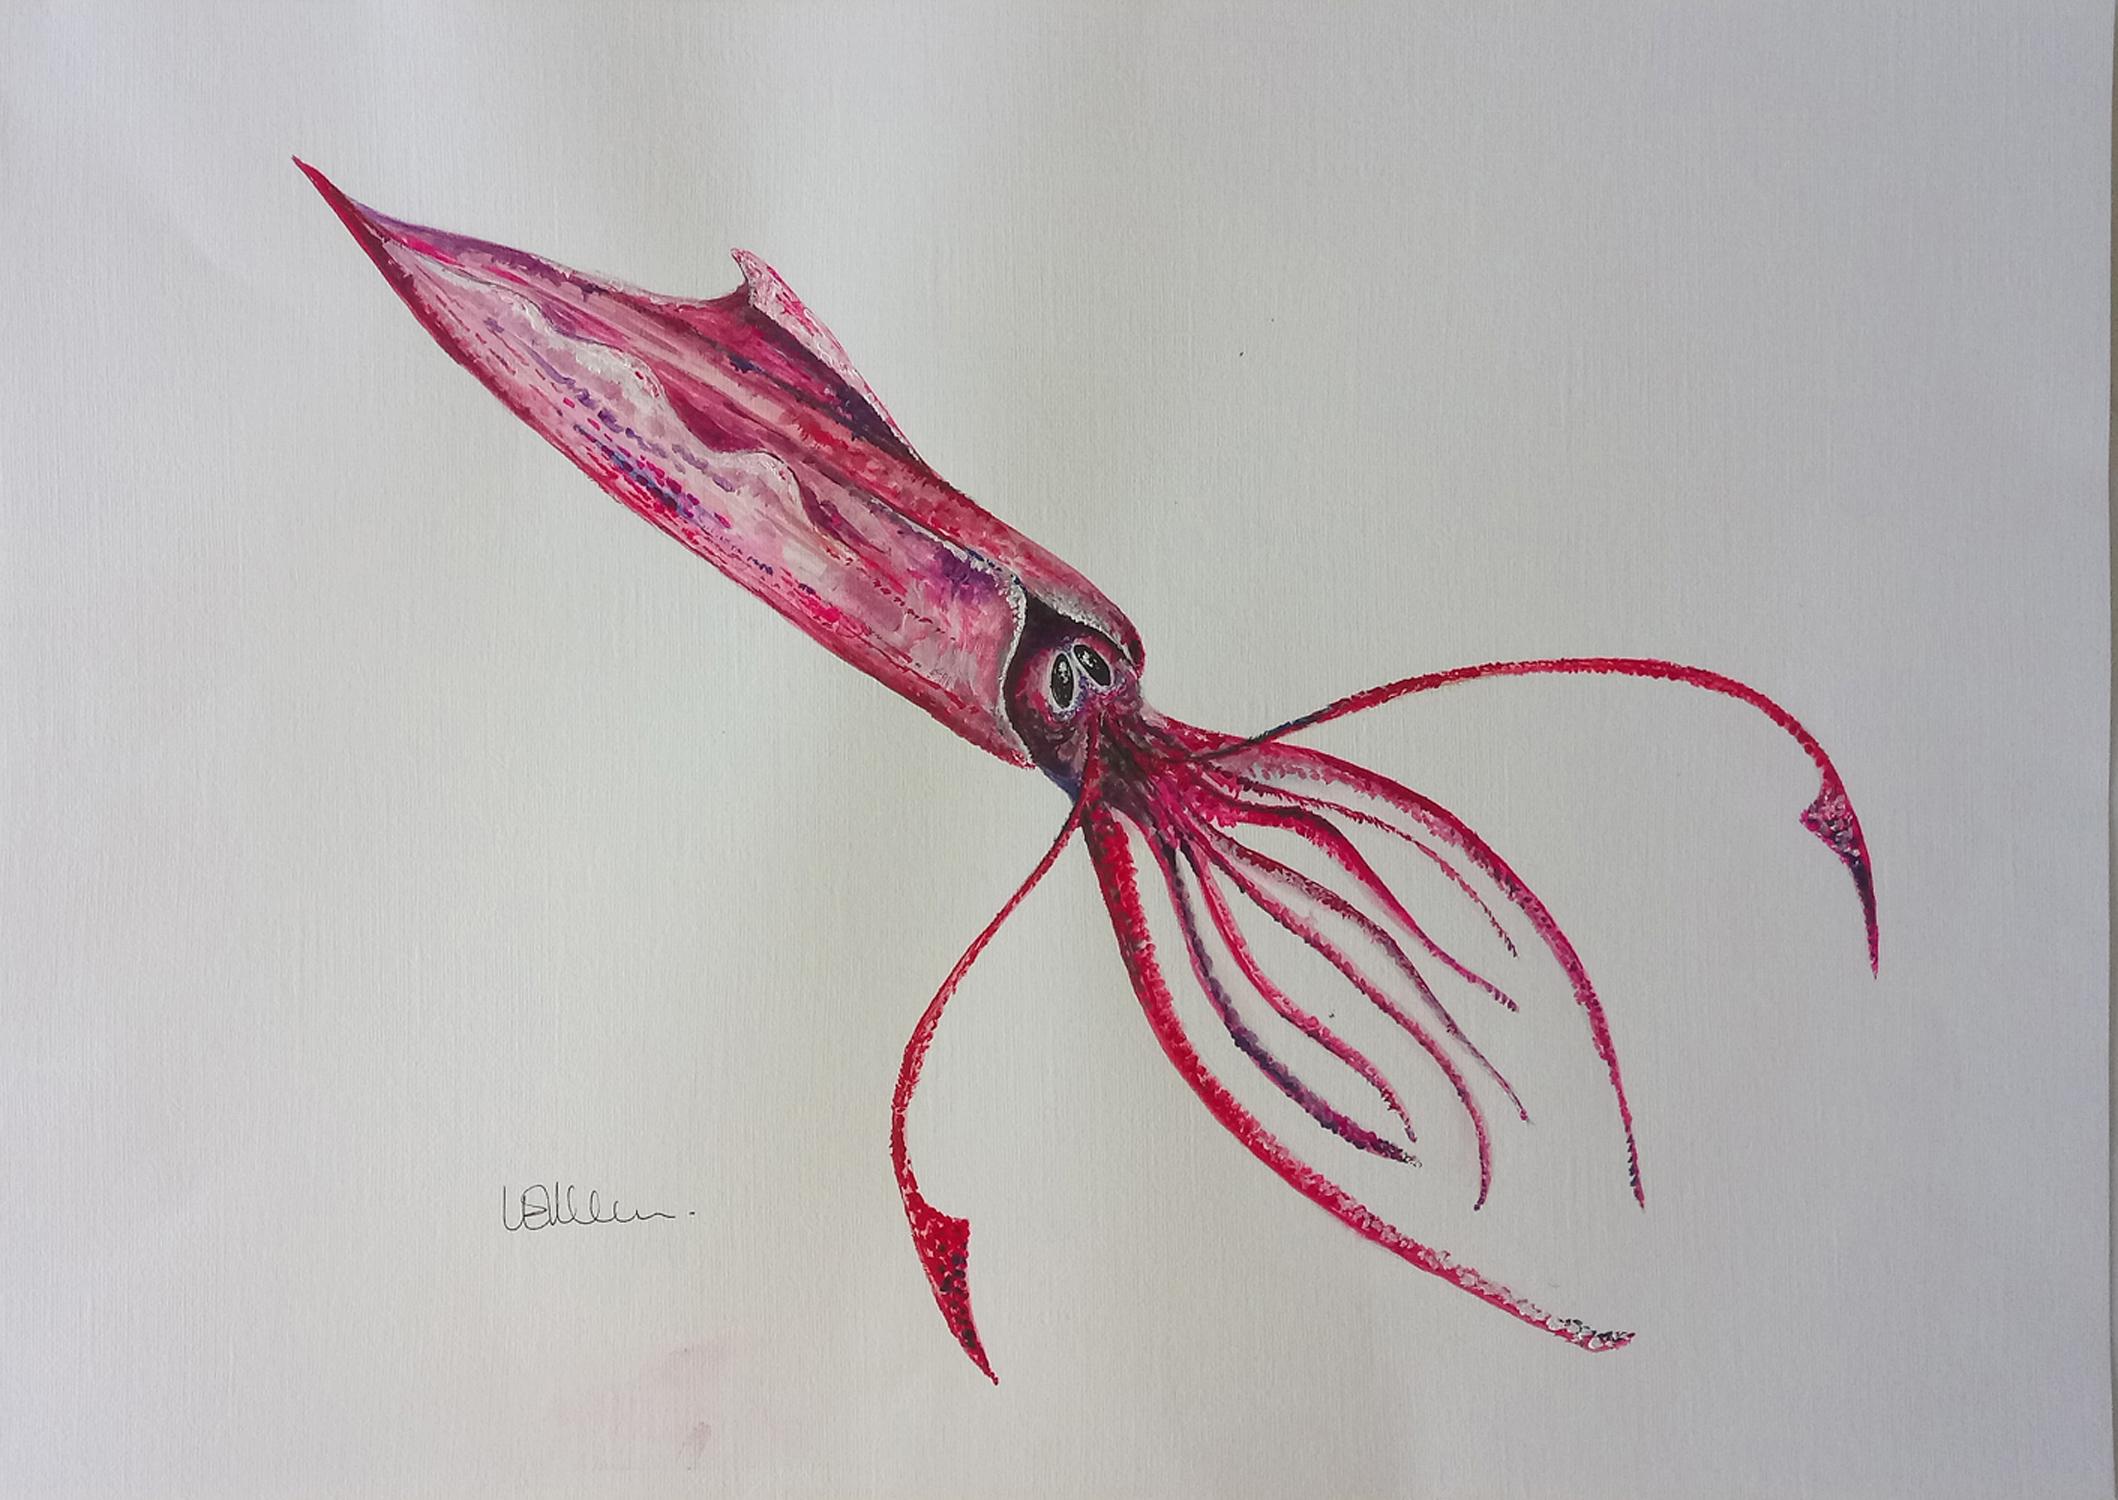 Red Skittish Squid